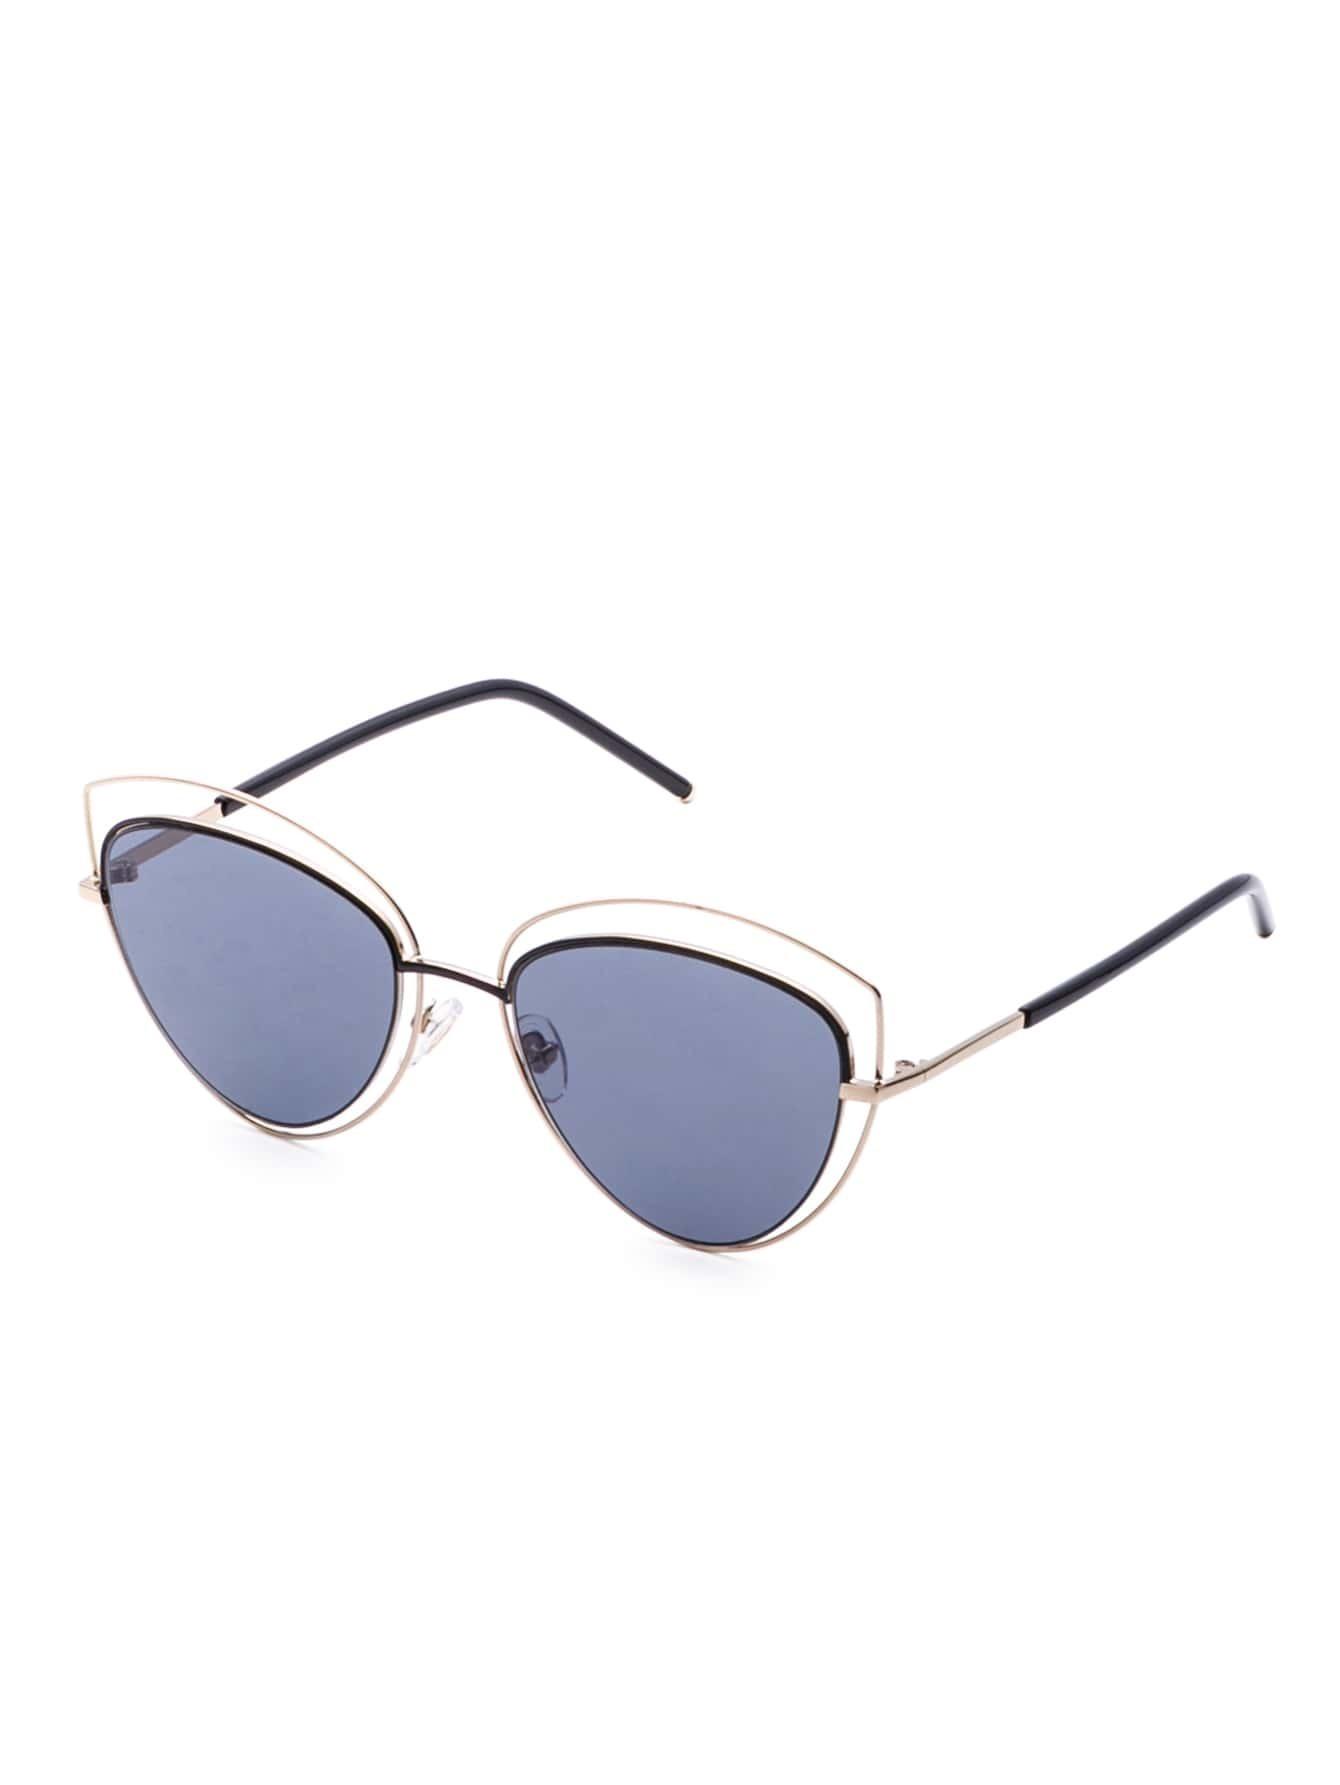 Gold Frame Cat Eye Sunglasses : Gold Frame Smoke Lens Cat Eye Sunglasses